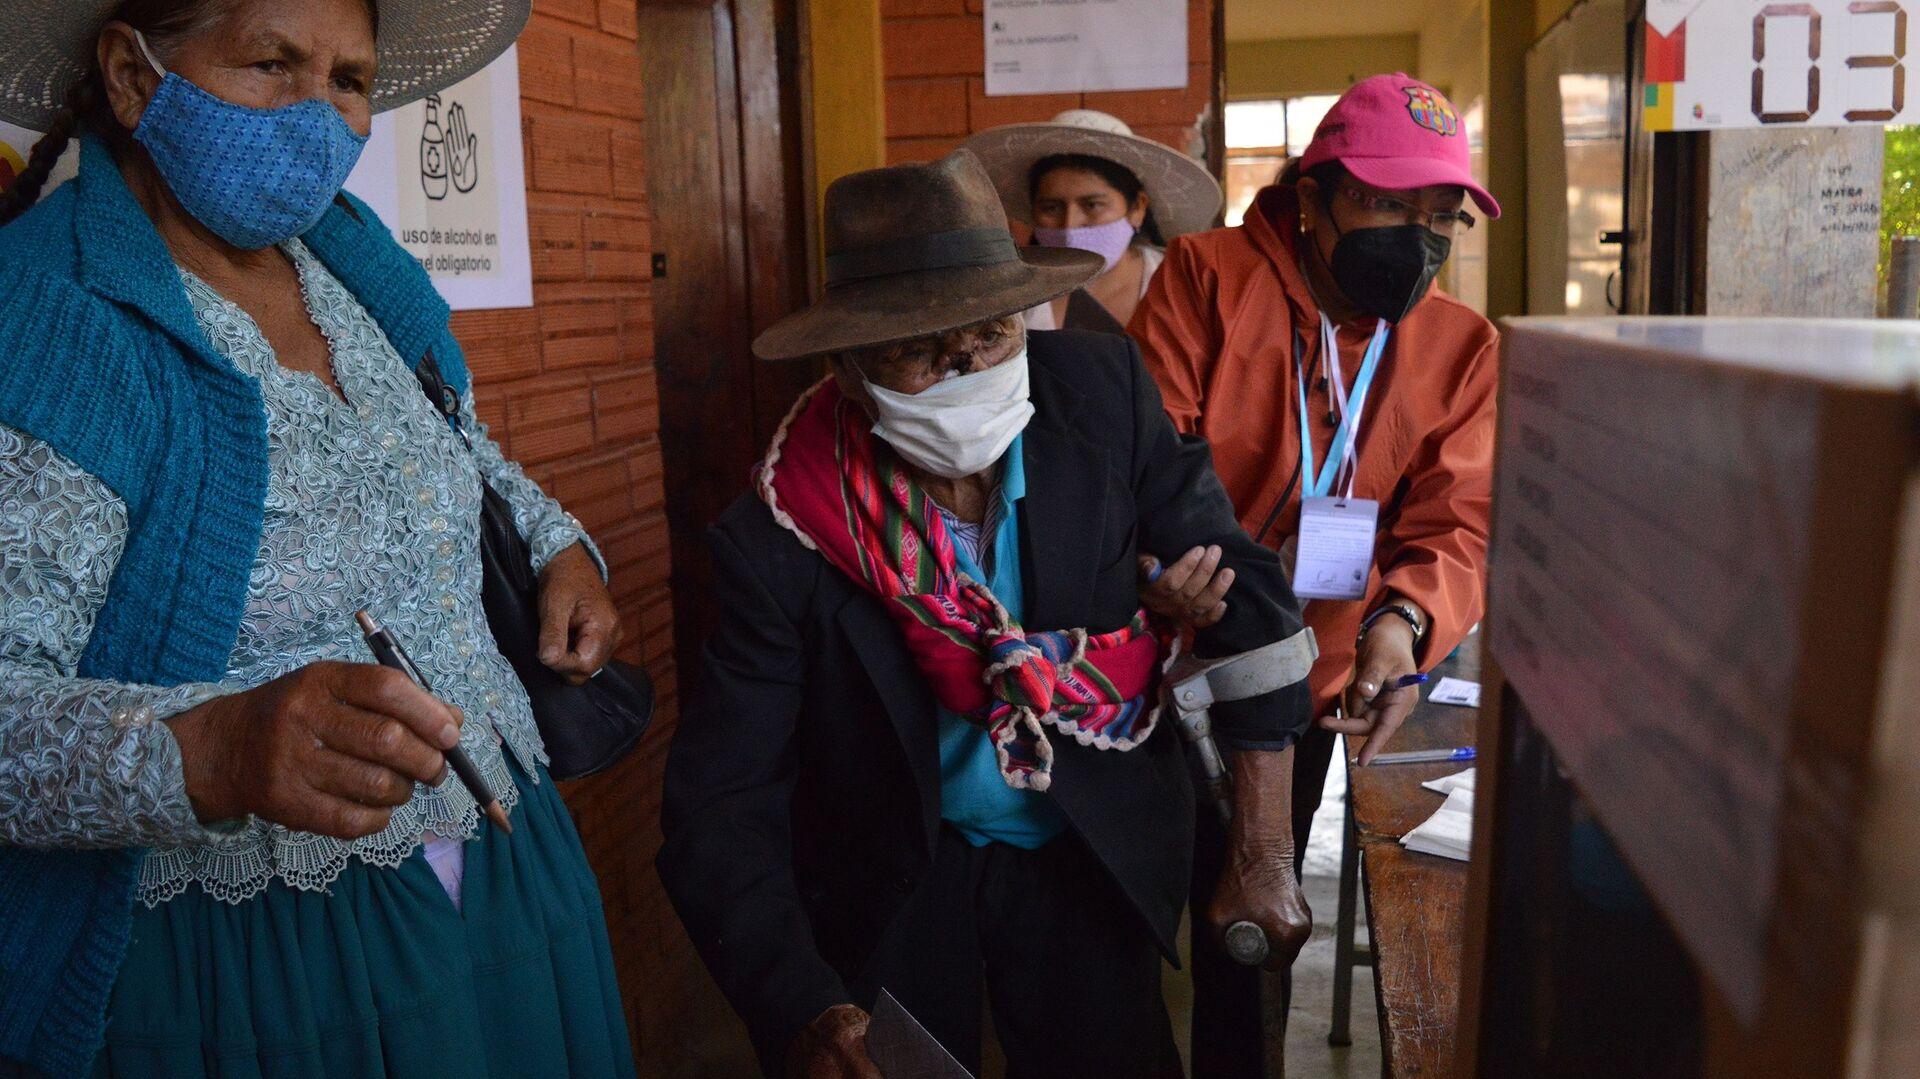 Elecciones en Quillacollo, Bolivia - Sputnik Mundo, 1920, 01.02.2021